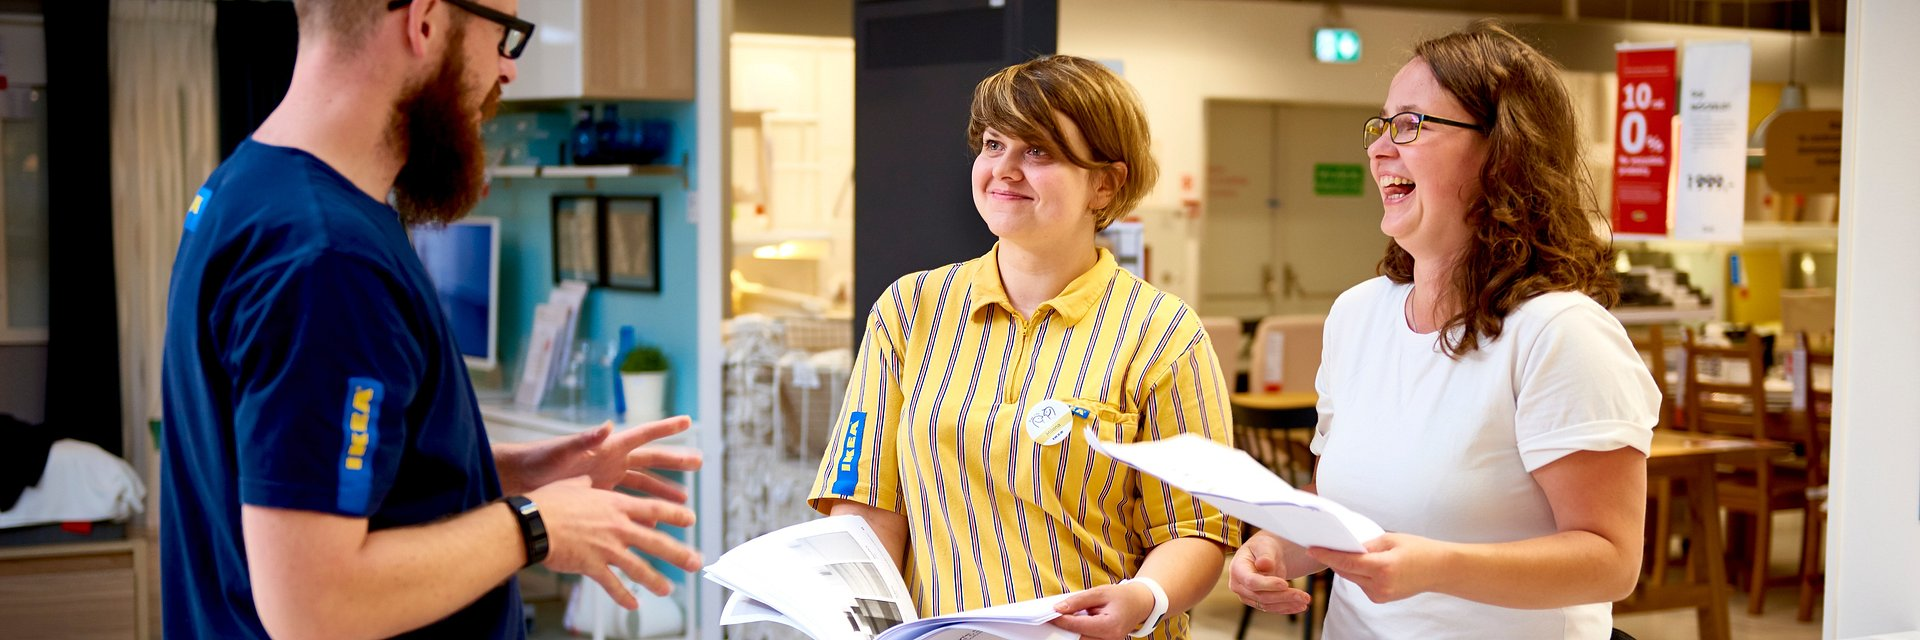 IKEA wspiera i dba o swoich pracowników